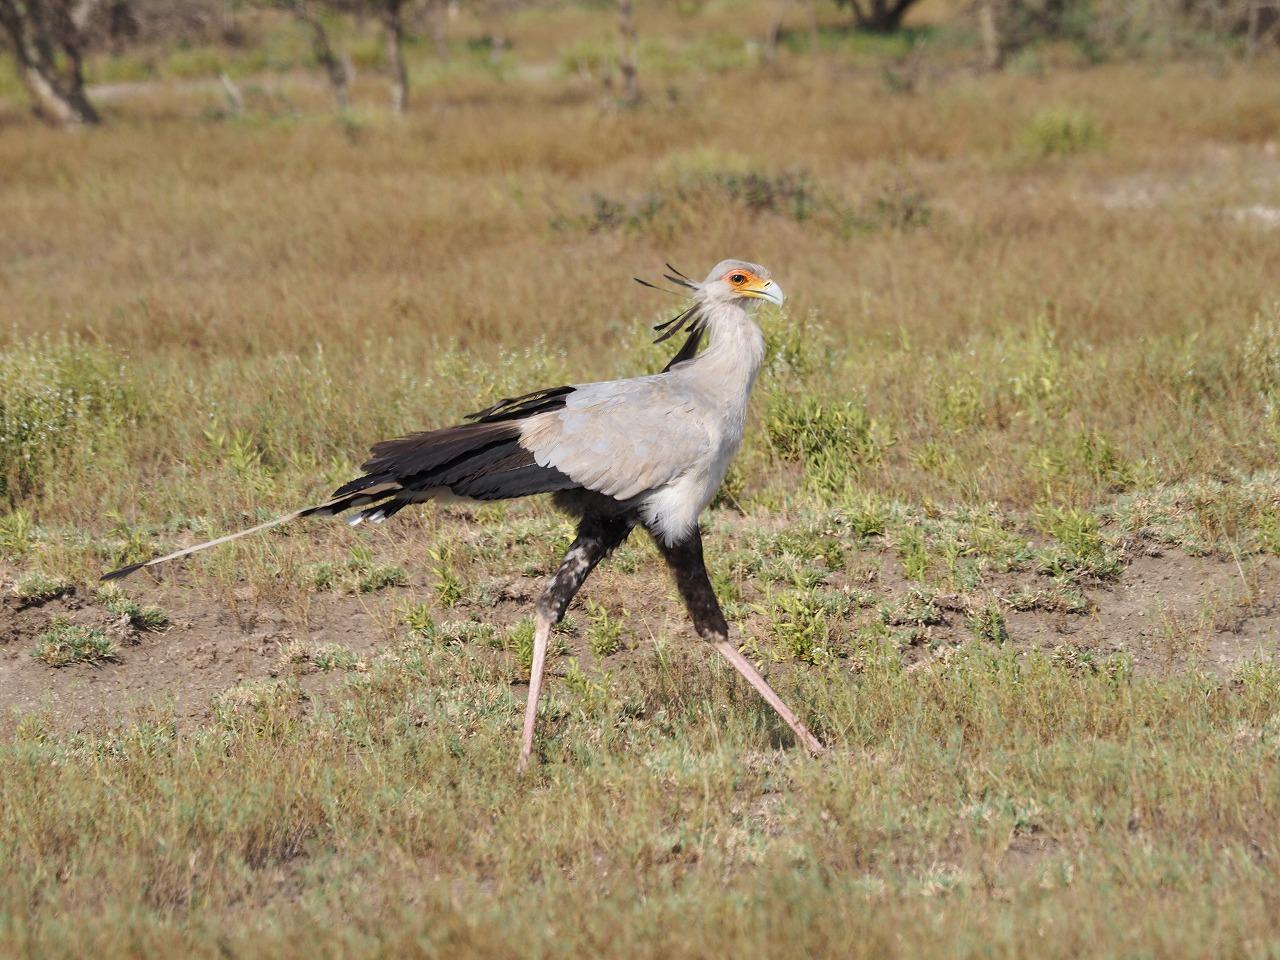 ヘビクイワシ(Secretarybird)姿は優雅で、動きはコミカル